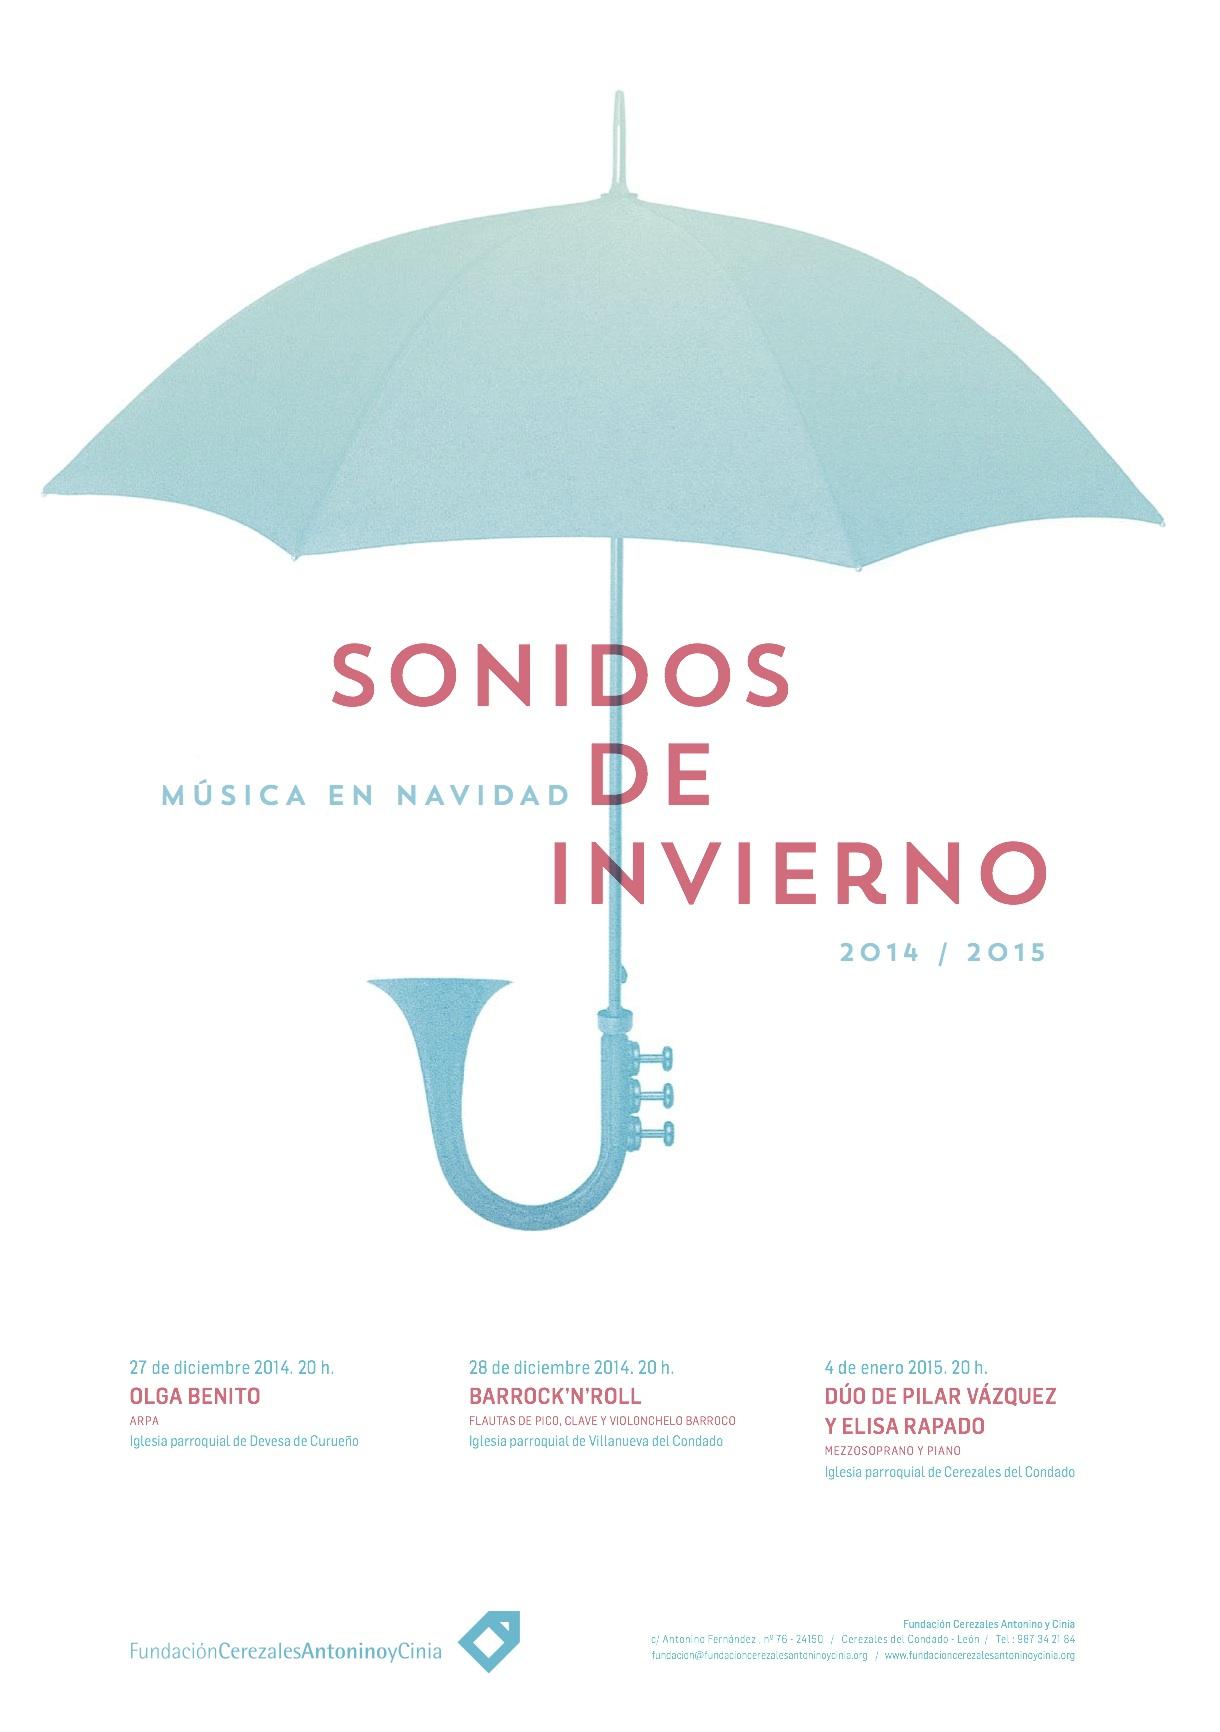 Cartel-sonidosdeinvierno-2014web